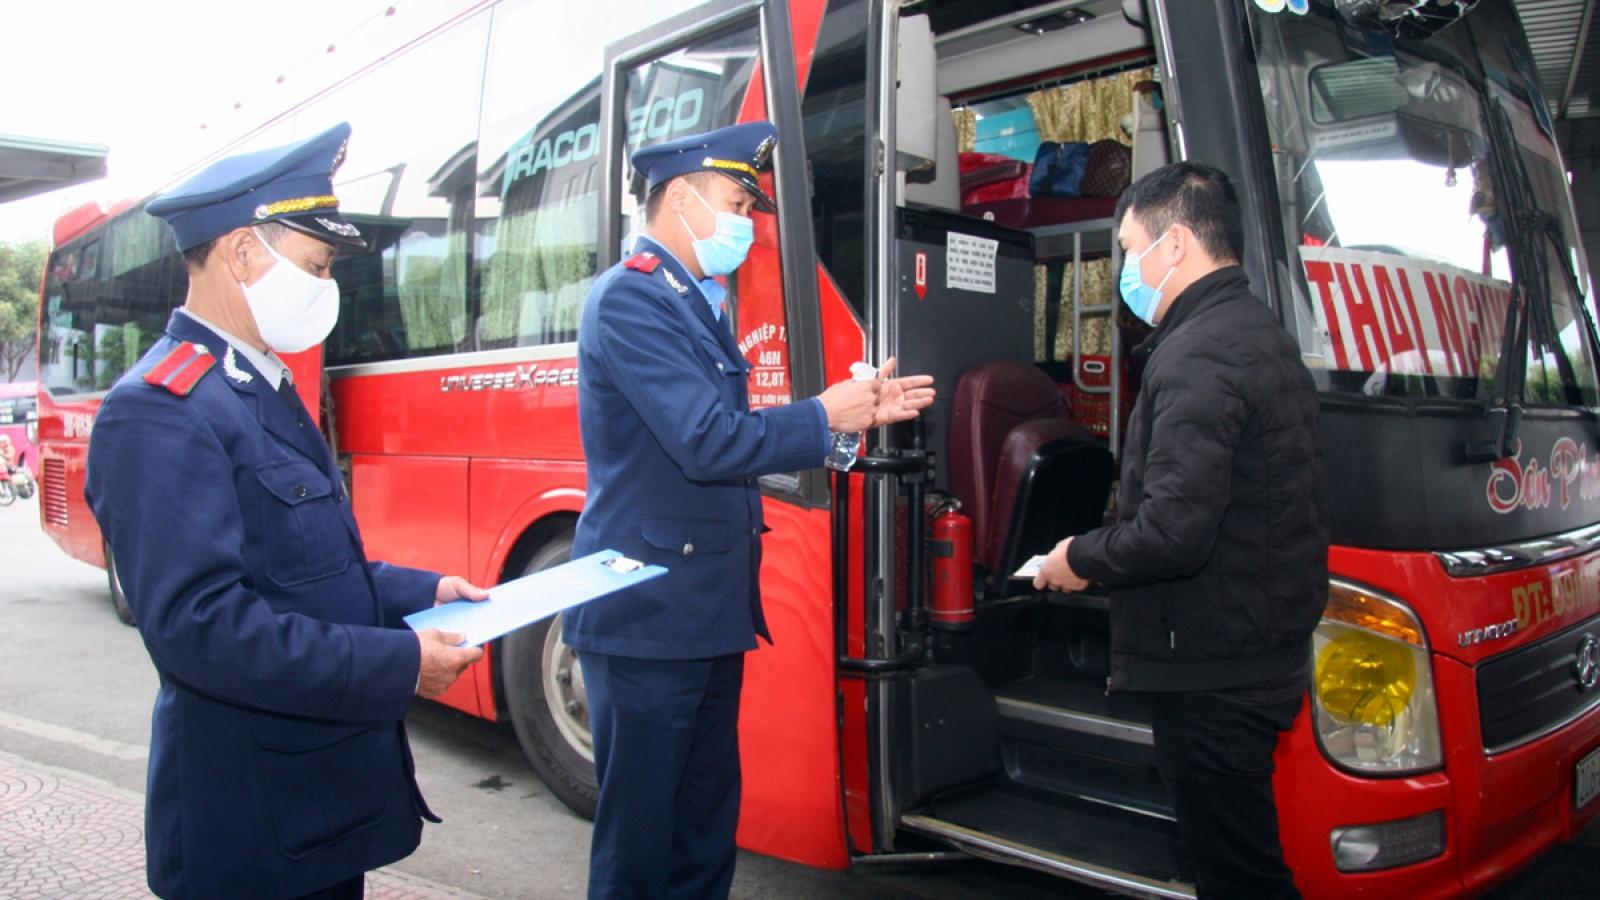 Lai Châu tạm dừng vận chuyển hành khách đi, về các tỉnh Bắc Giang, Sơn La, Điện Biên